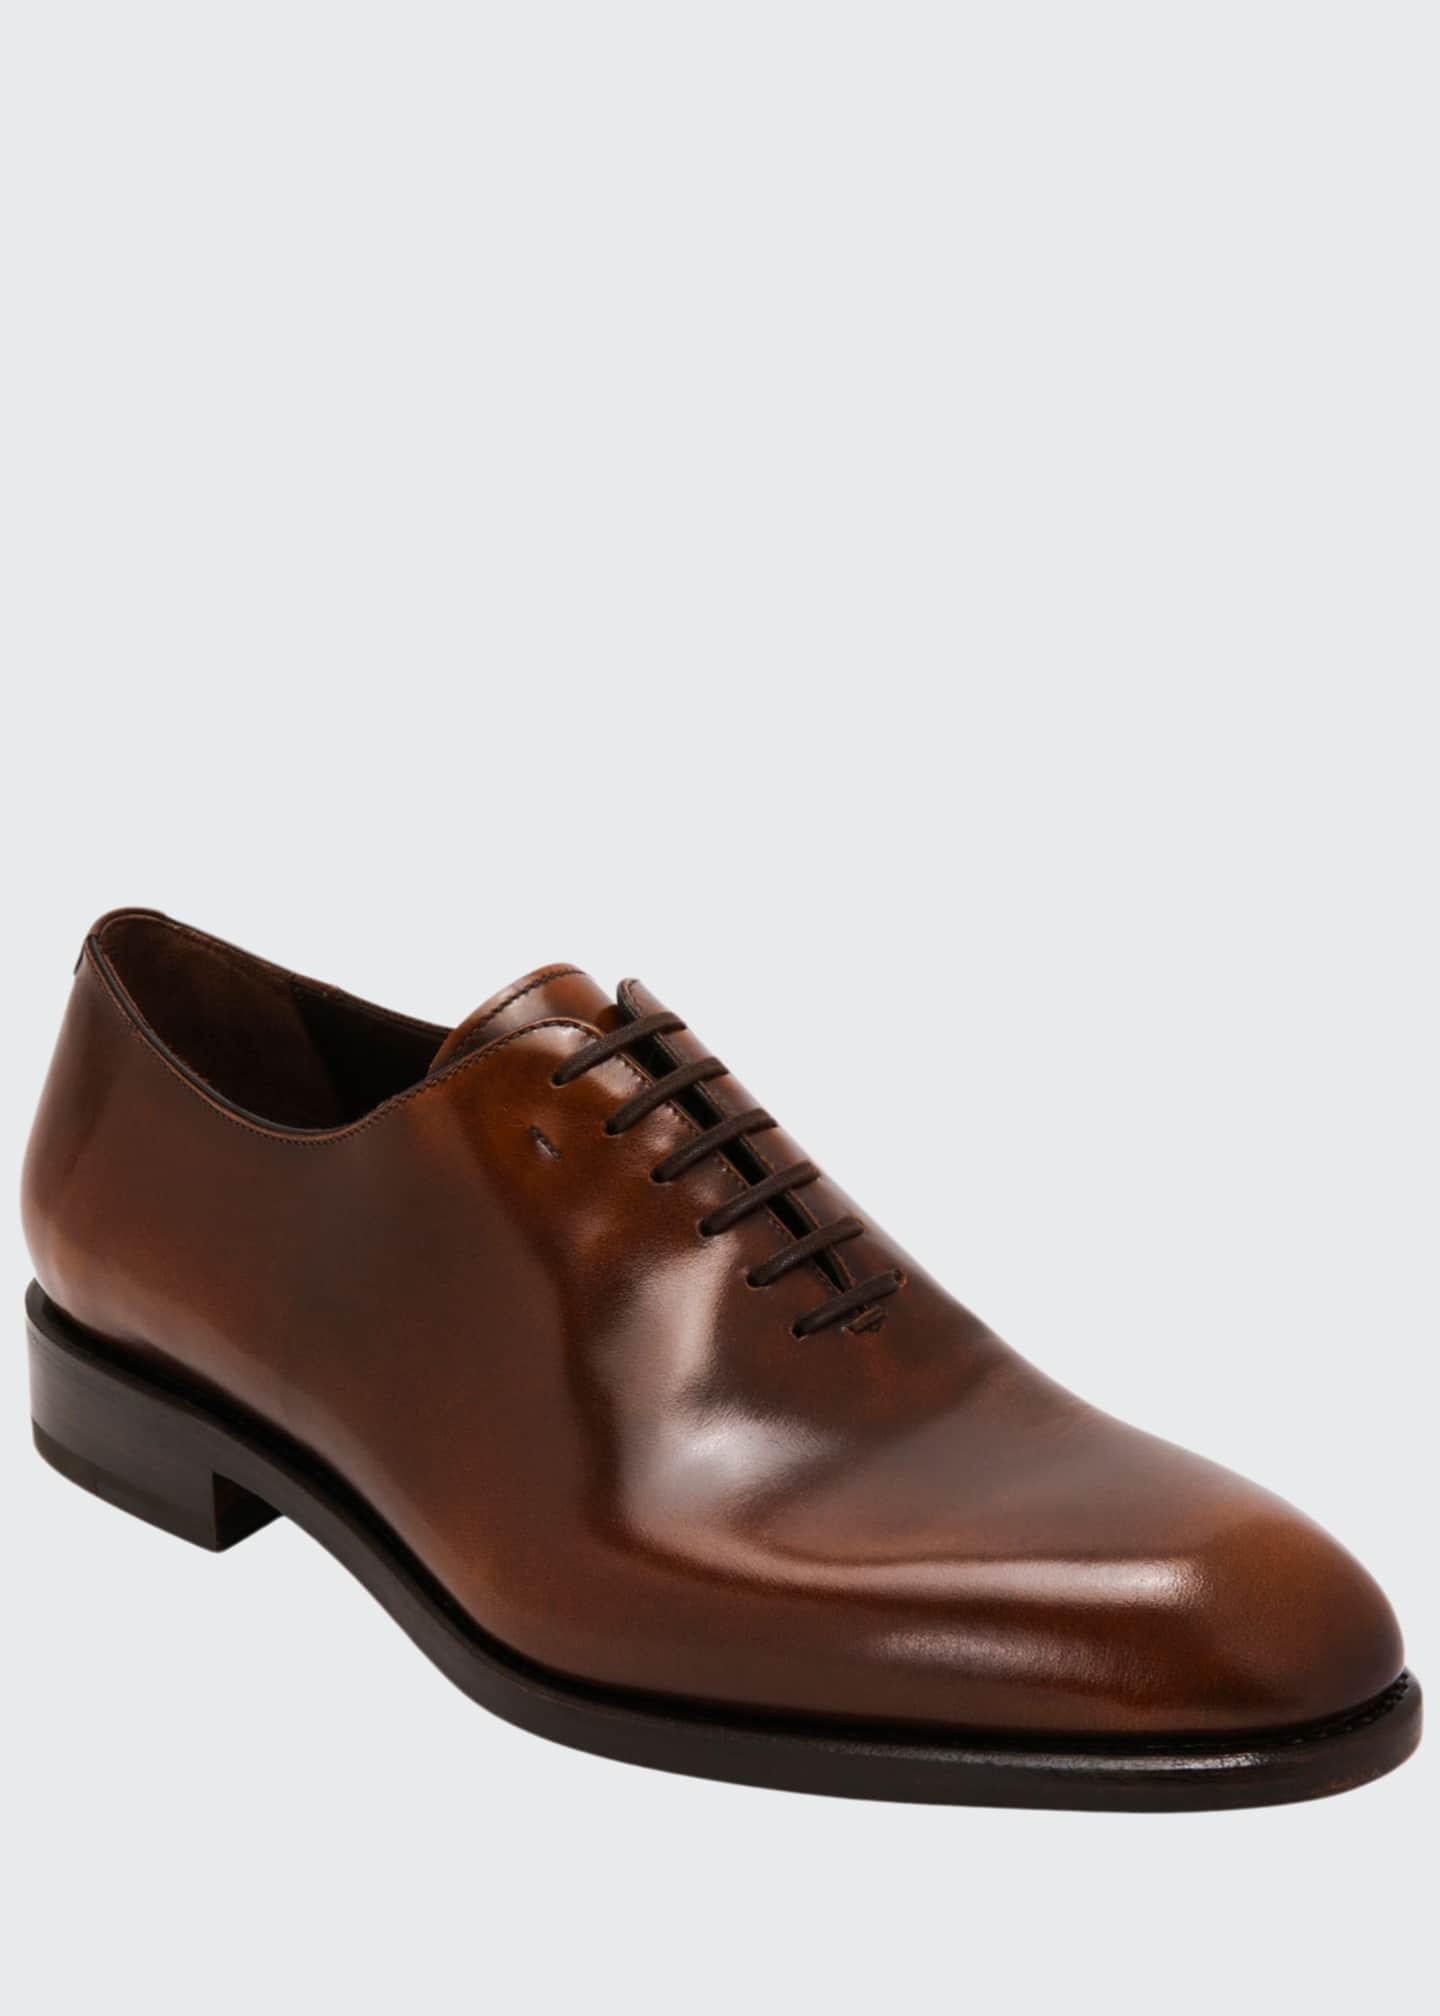 Salvatore Ferragamo Men's Angiolo Tramezza Whole-Cut Leather